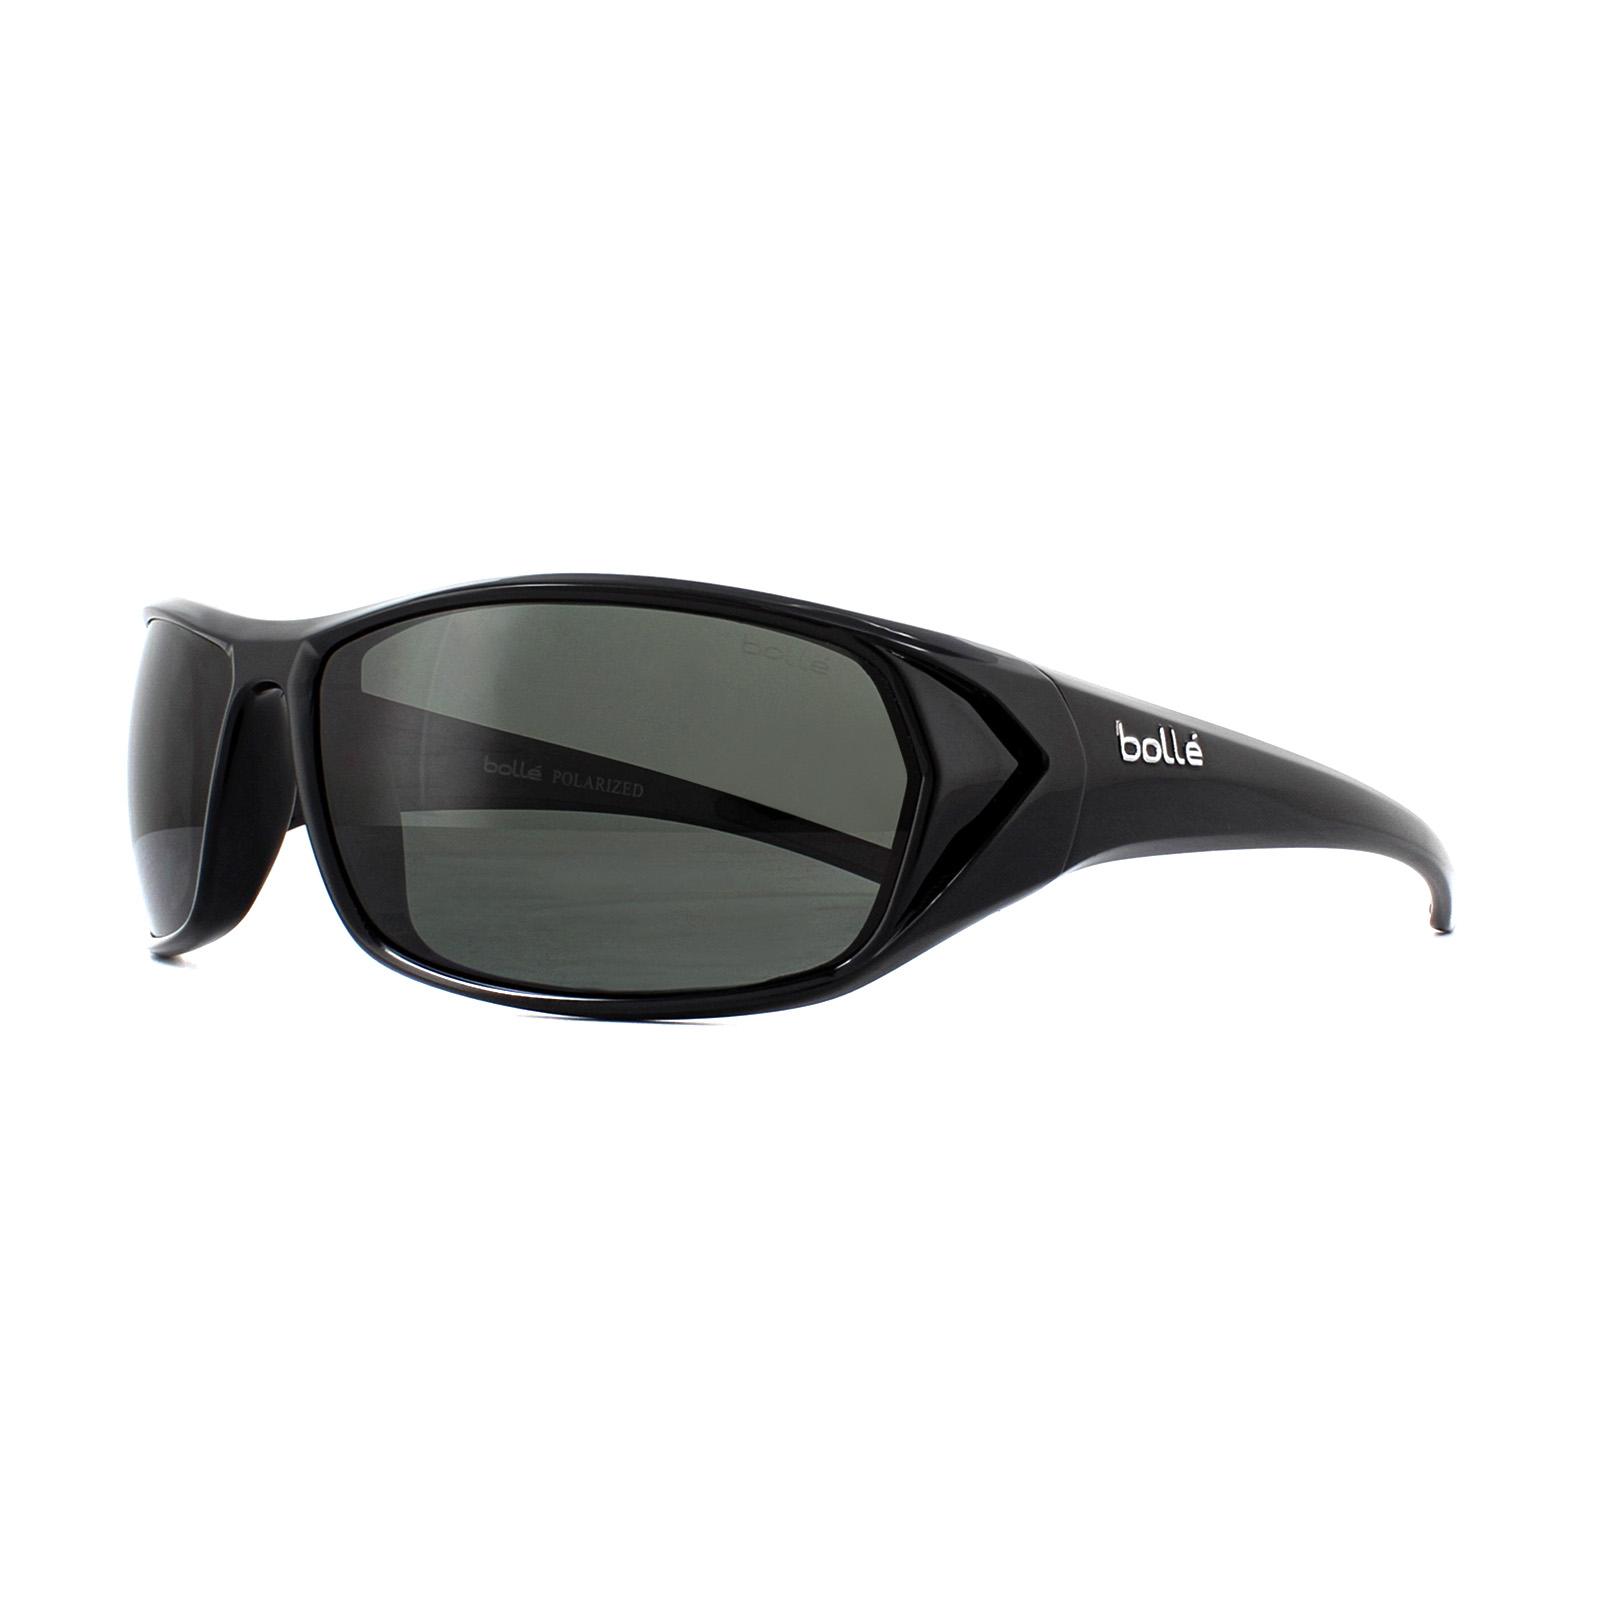 1084500f48 CENTINELA BOLLE gafas de sol cabrillas 12028 TNS negro brillante gris  polarizado